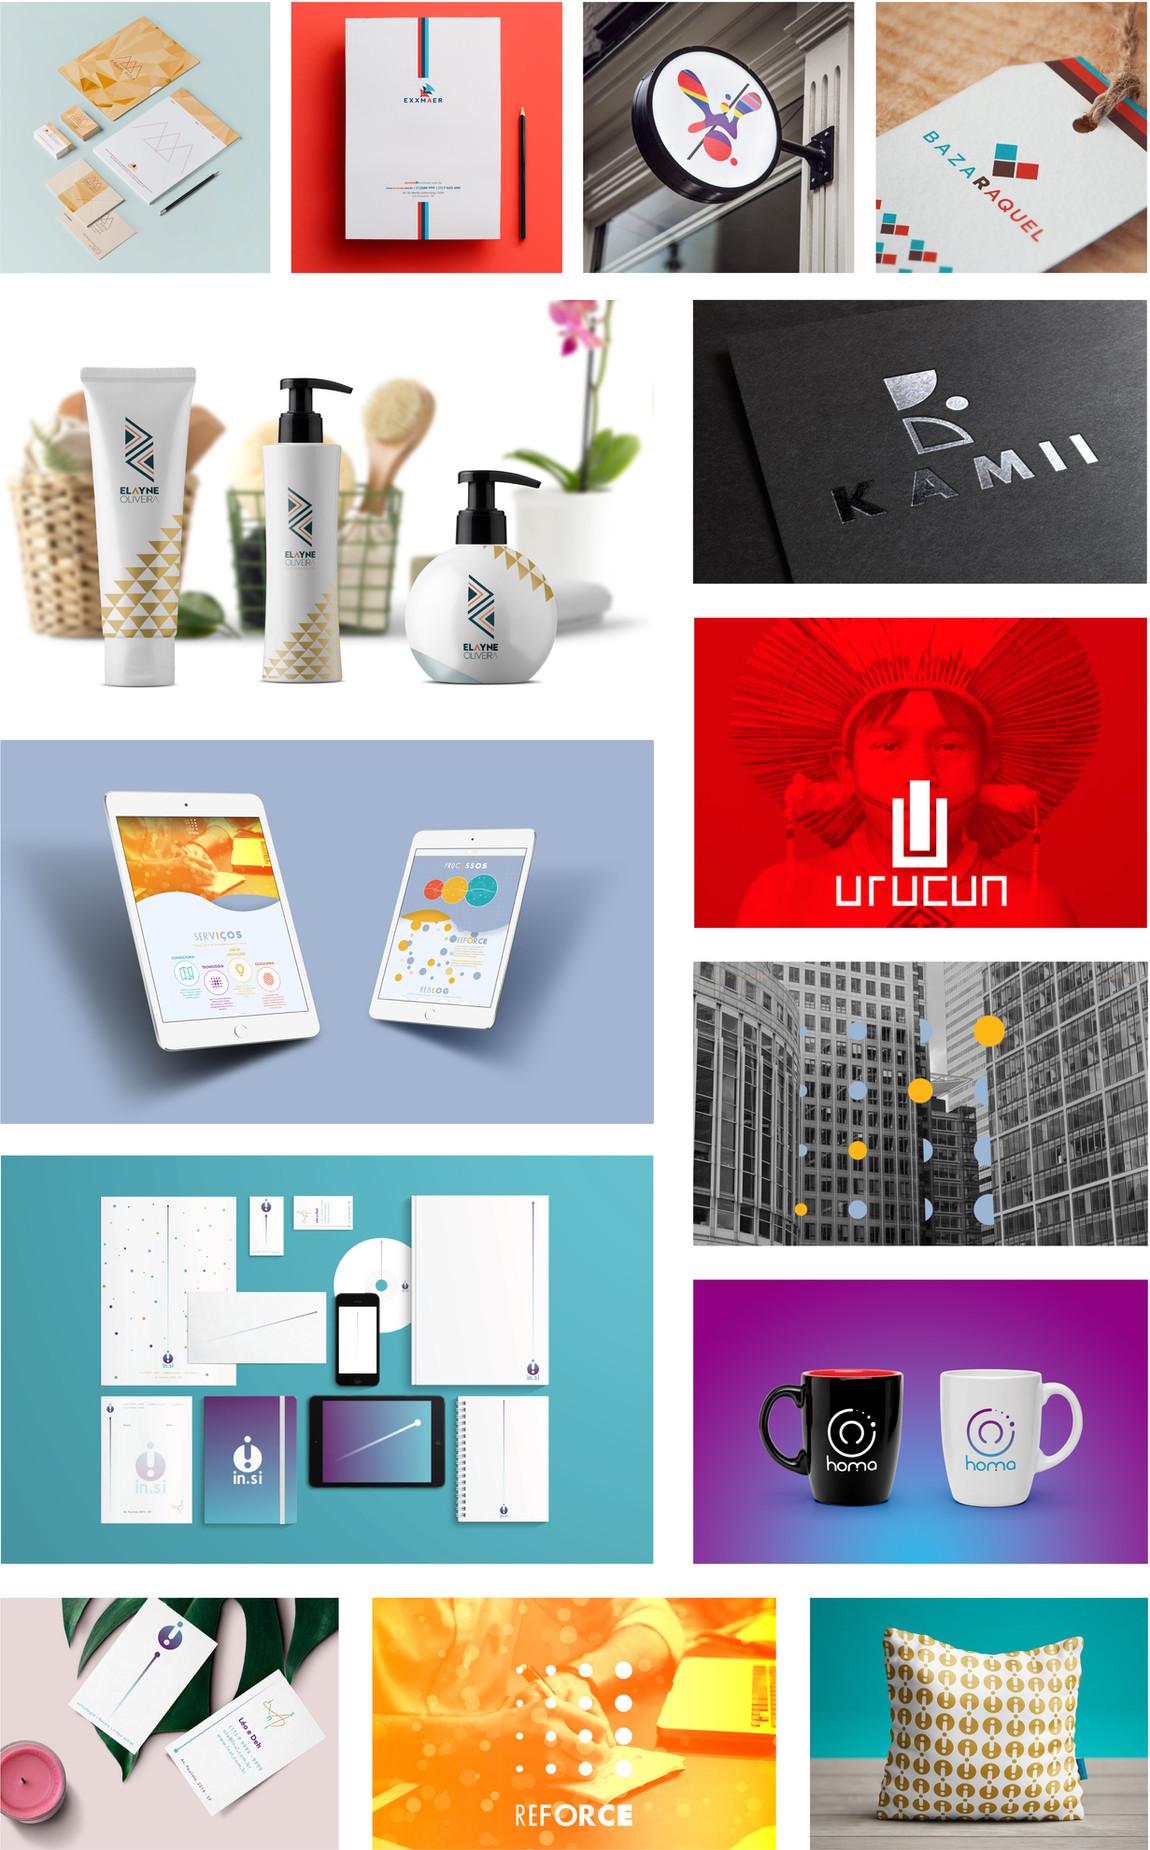 Incríveis projetos de idetidade corporativa e identidade visual para empesas, produtos e negócios de microempreendedoes, pequenos empeendedores e médios empreendedores